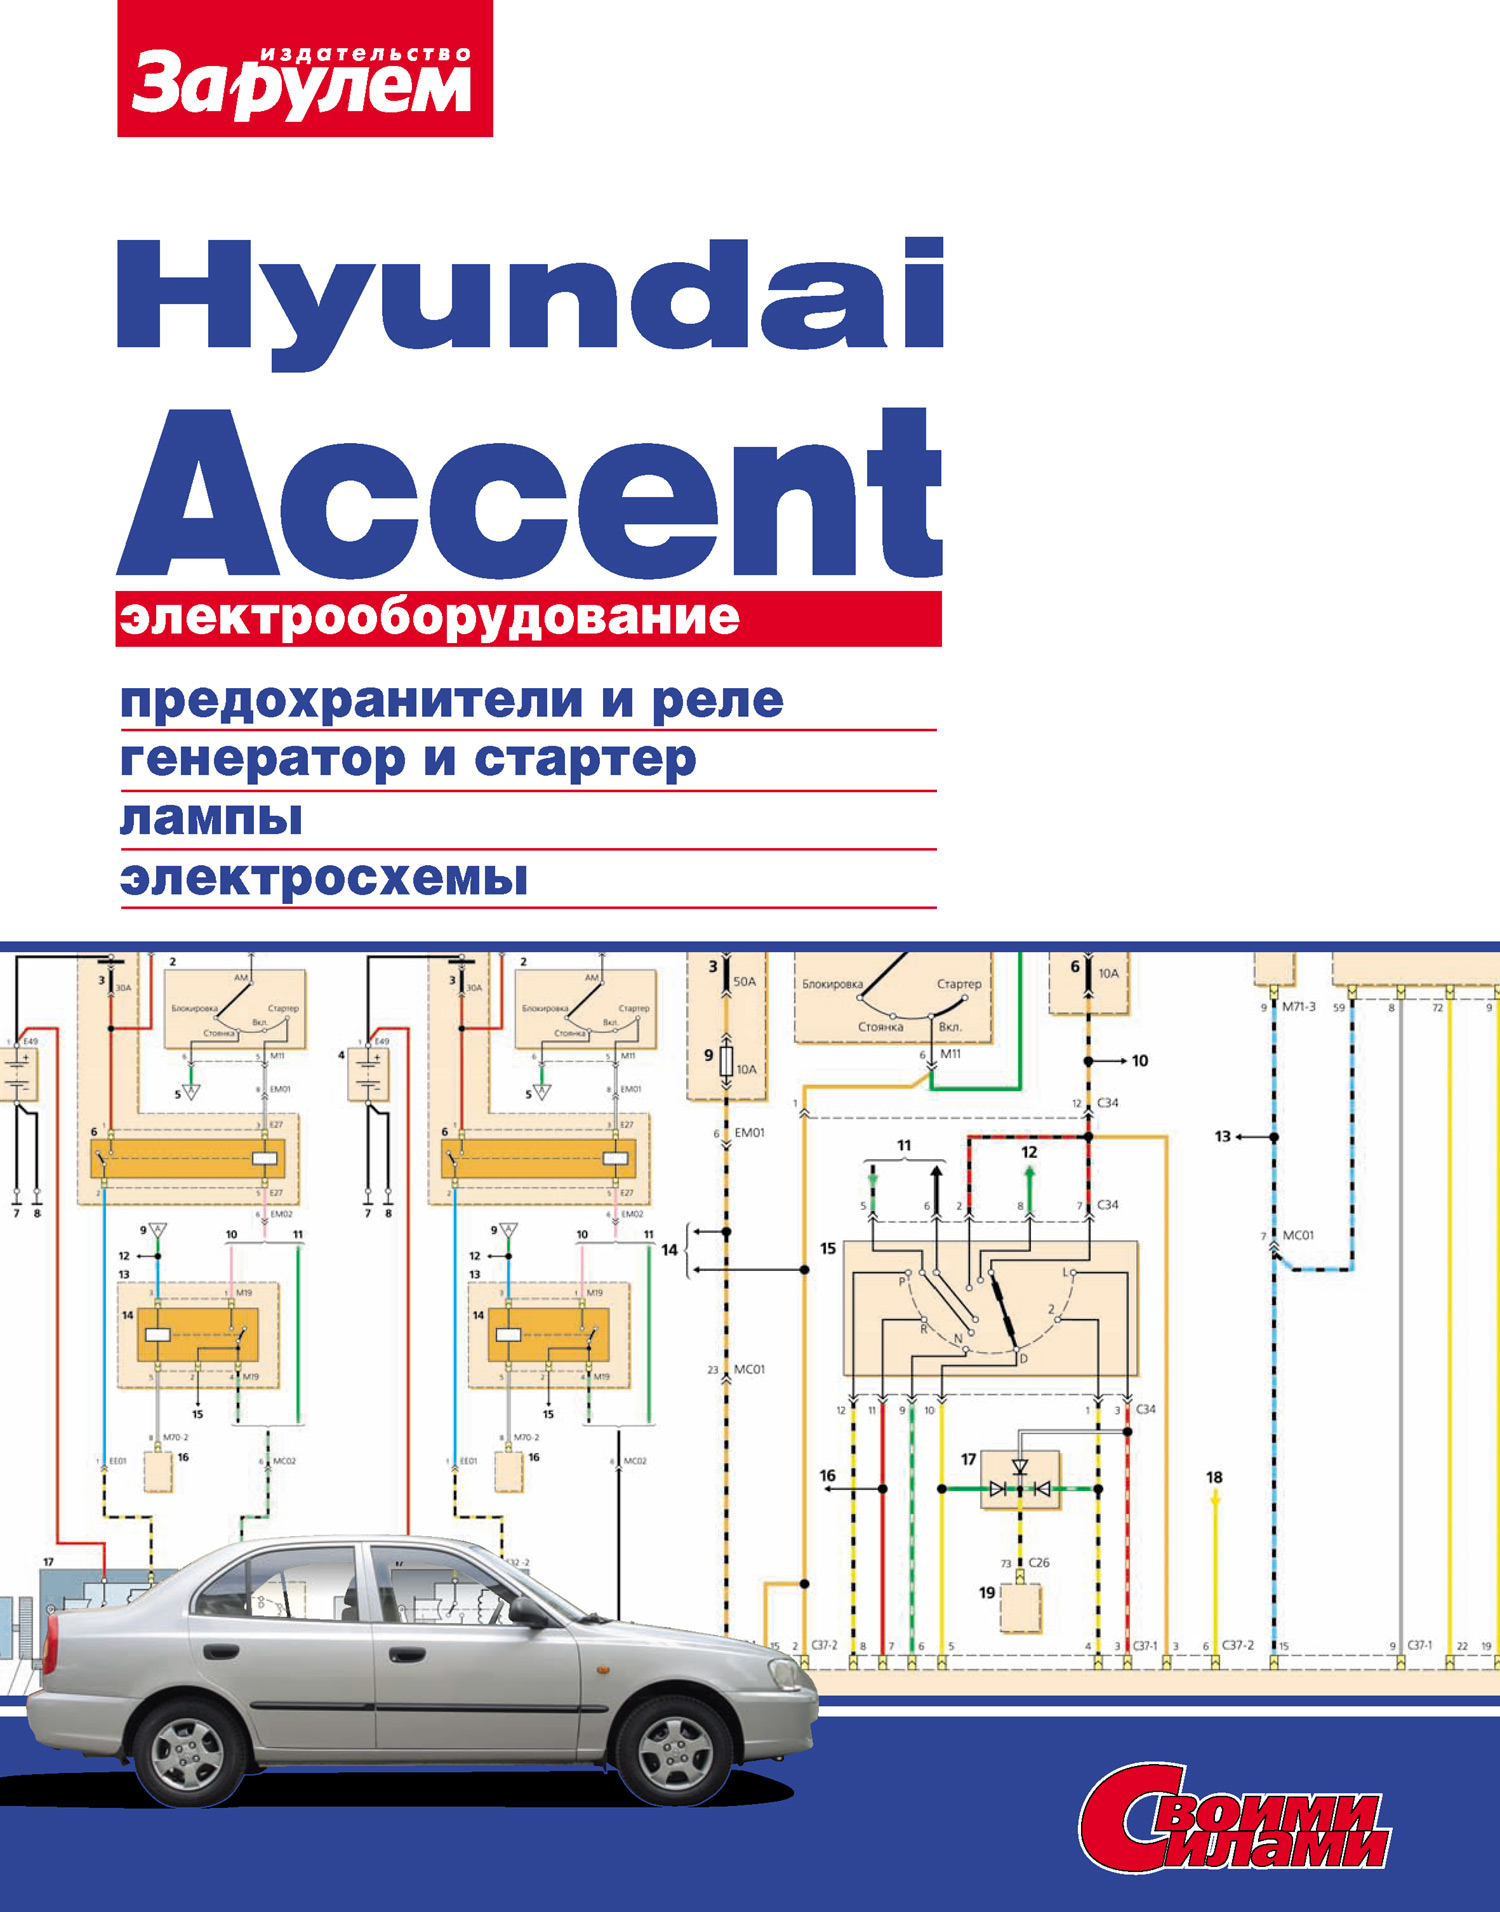 Отсутствует Электрооборудование Hyundai Accent. Иллюстрированное руководство 110v 220v electric belgian liege waffle baker maker machine iron page 2